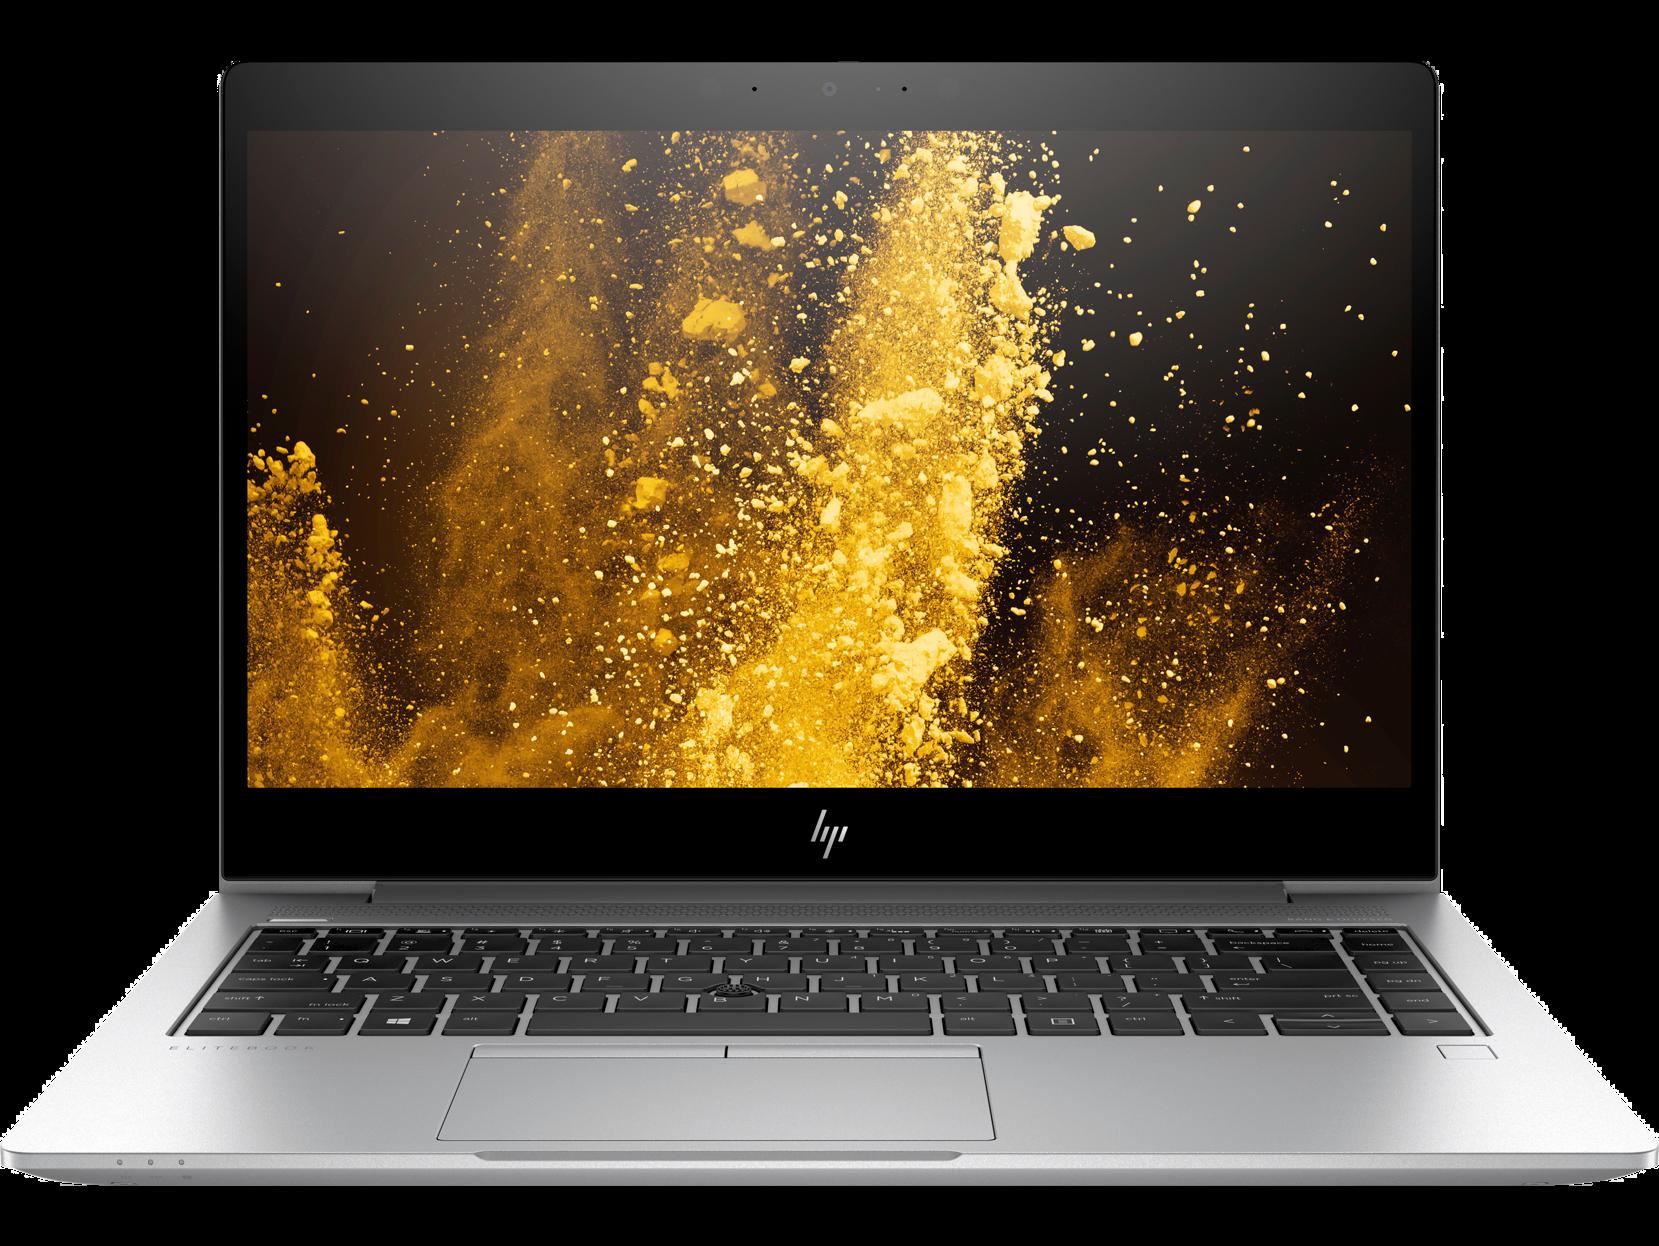 Ноутбук HP EliteBook 840 G6(6XE53EA) Серебристый, EliteBook 840 G6 (6XE53EA), Китай  - купить со скидкой